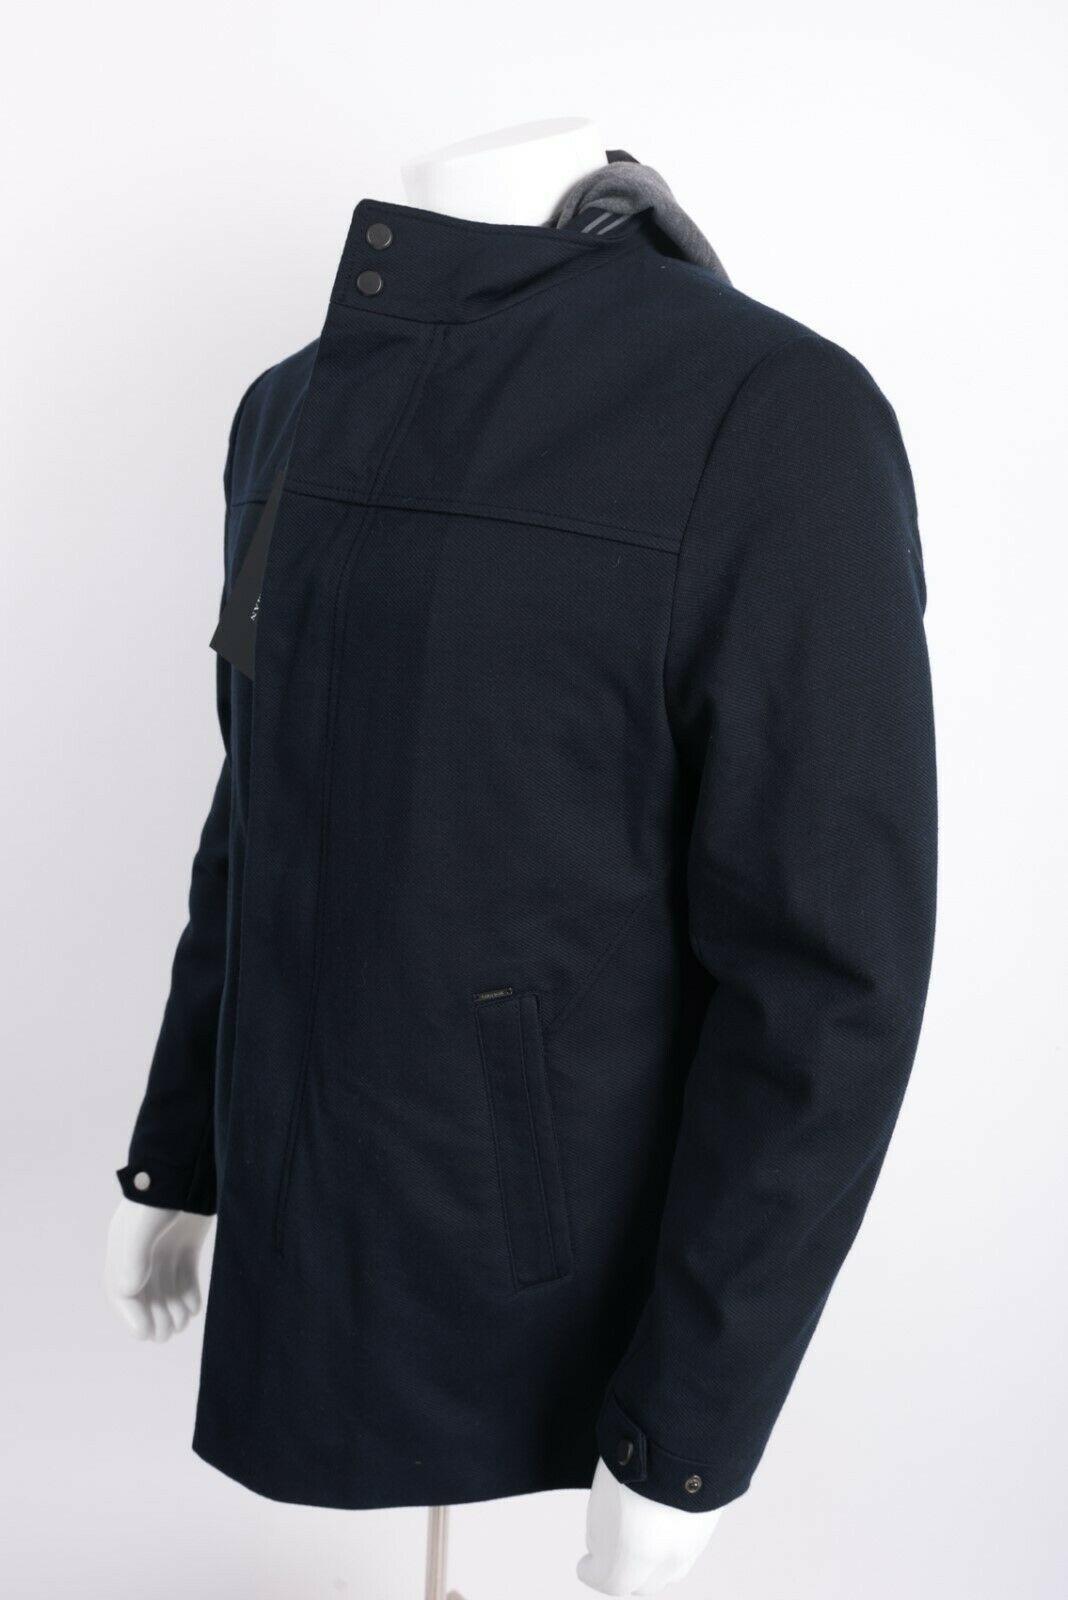 Zara Man Mens Jacket Coat Blazer Removeable Interior Navy Blue Gray Hooded NWT image 3